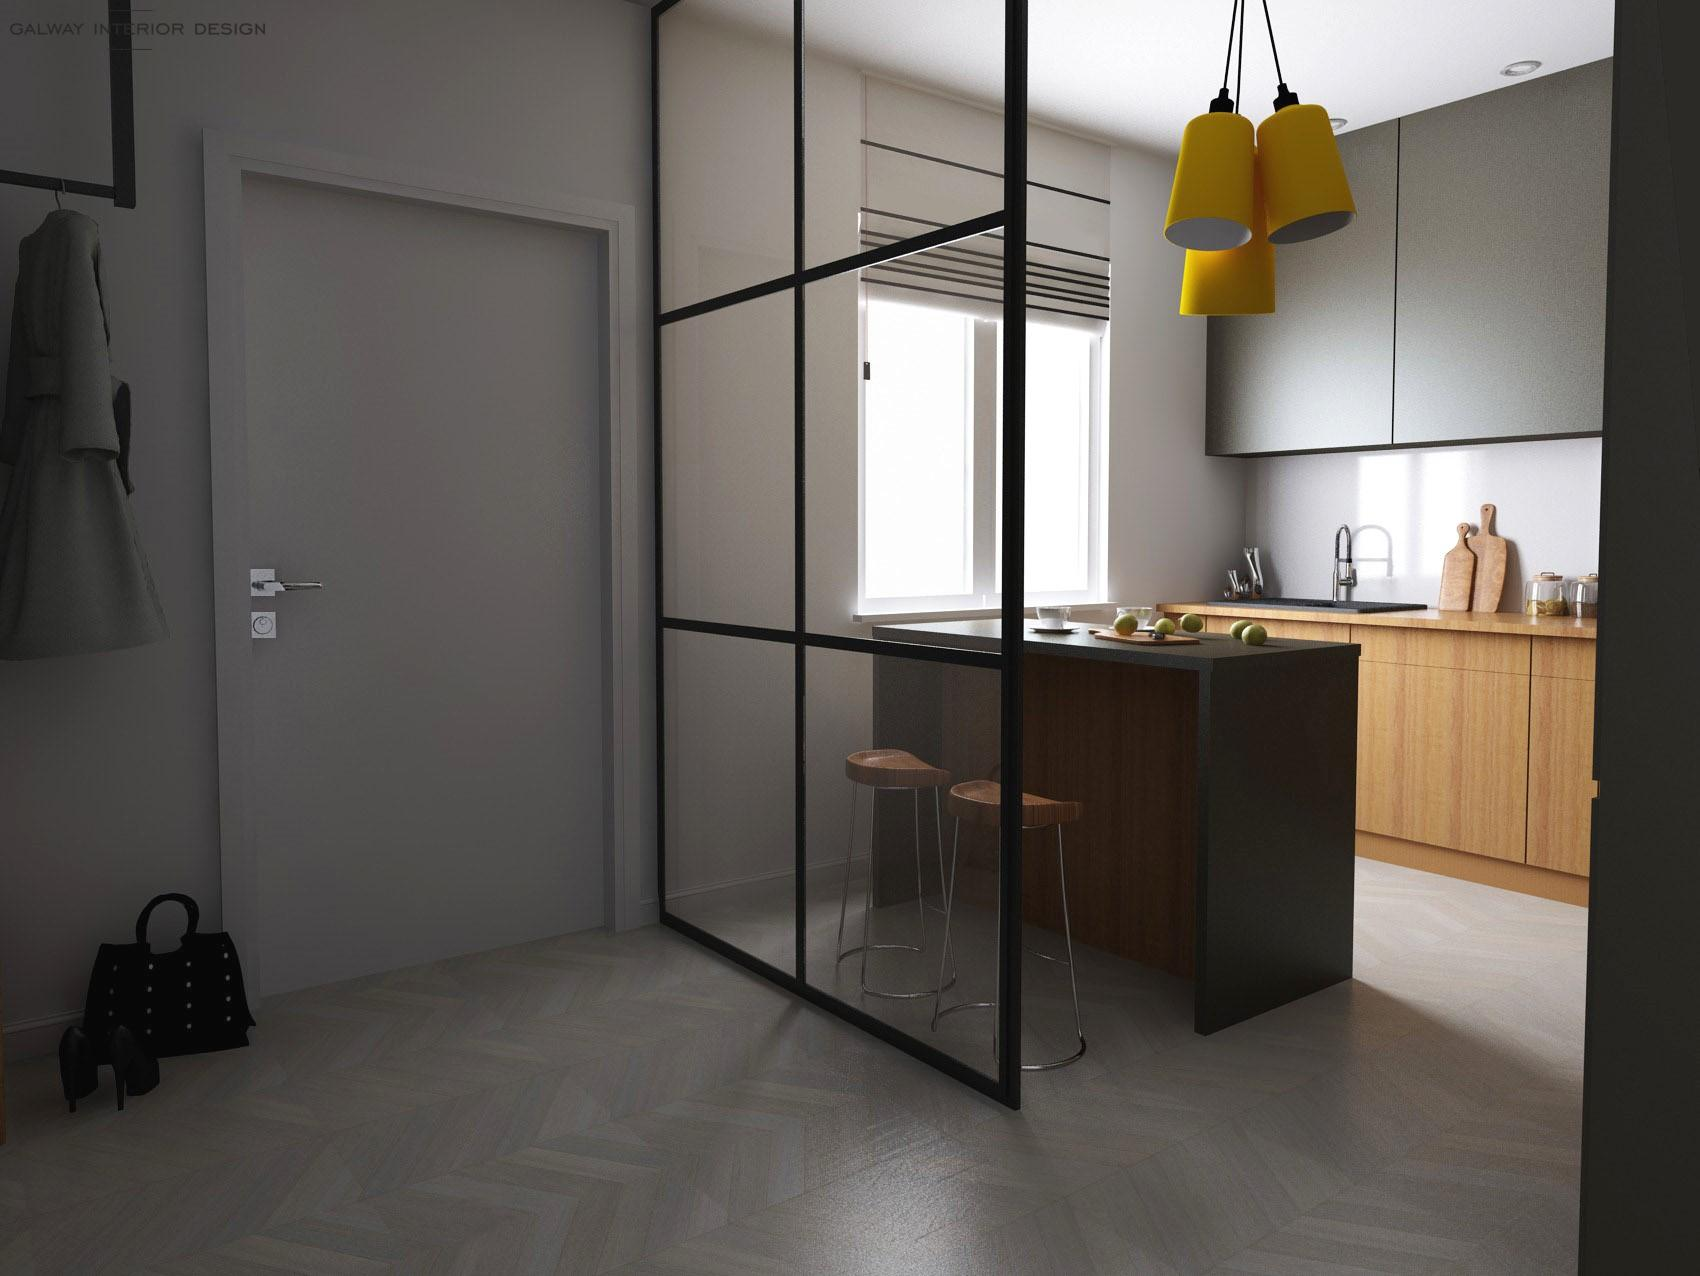 Galway Interior Design Kitchen 3D 1